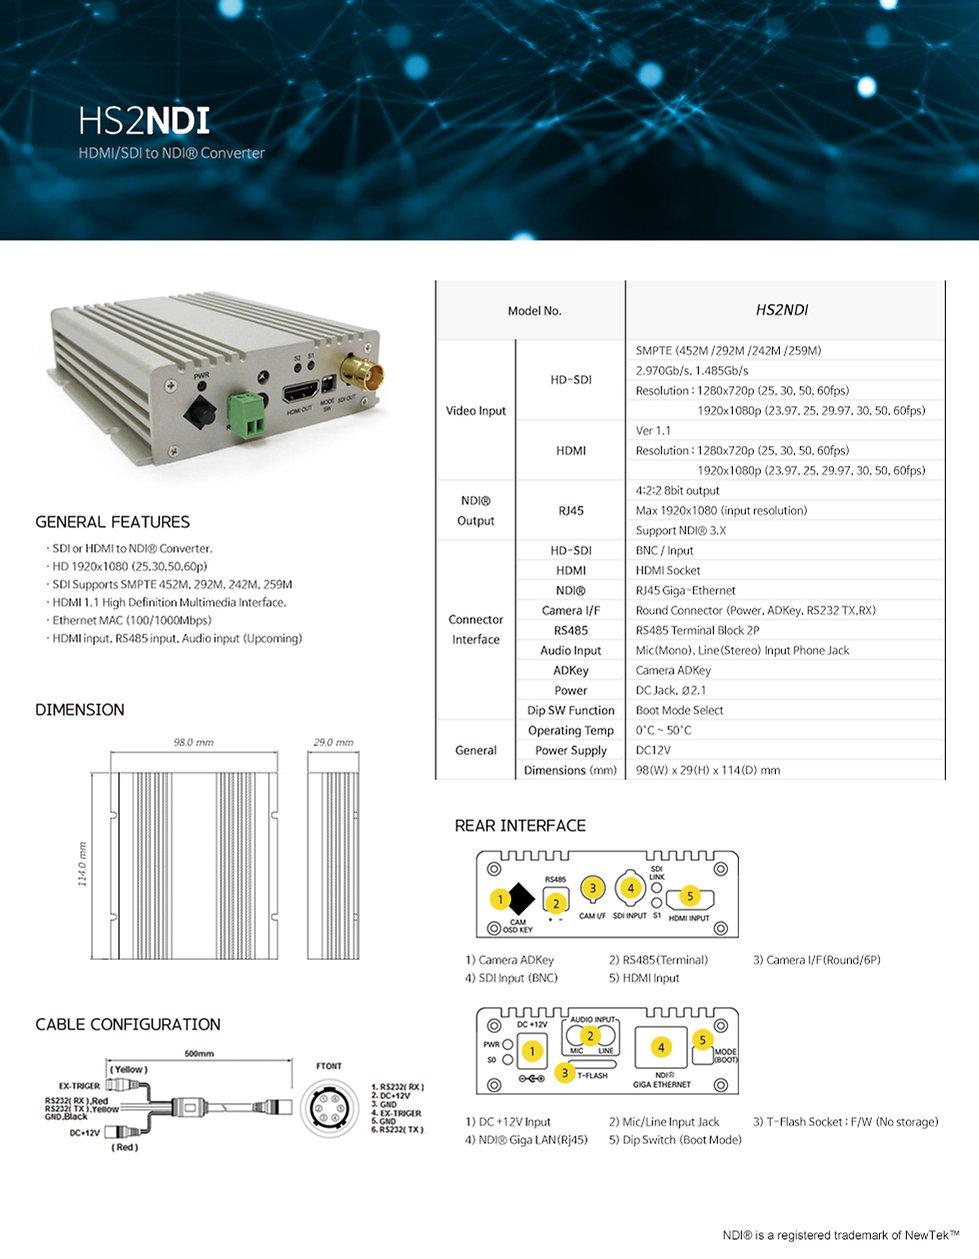 HS2NDI_e.jpg